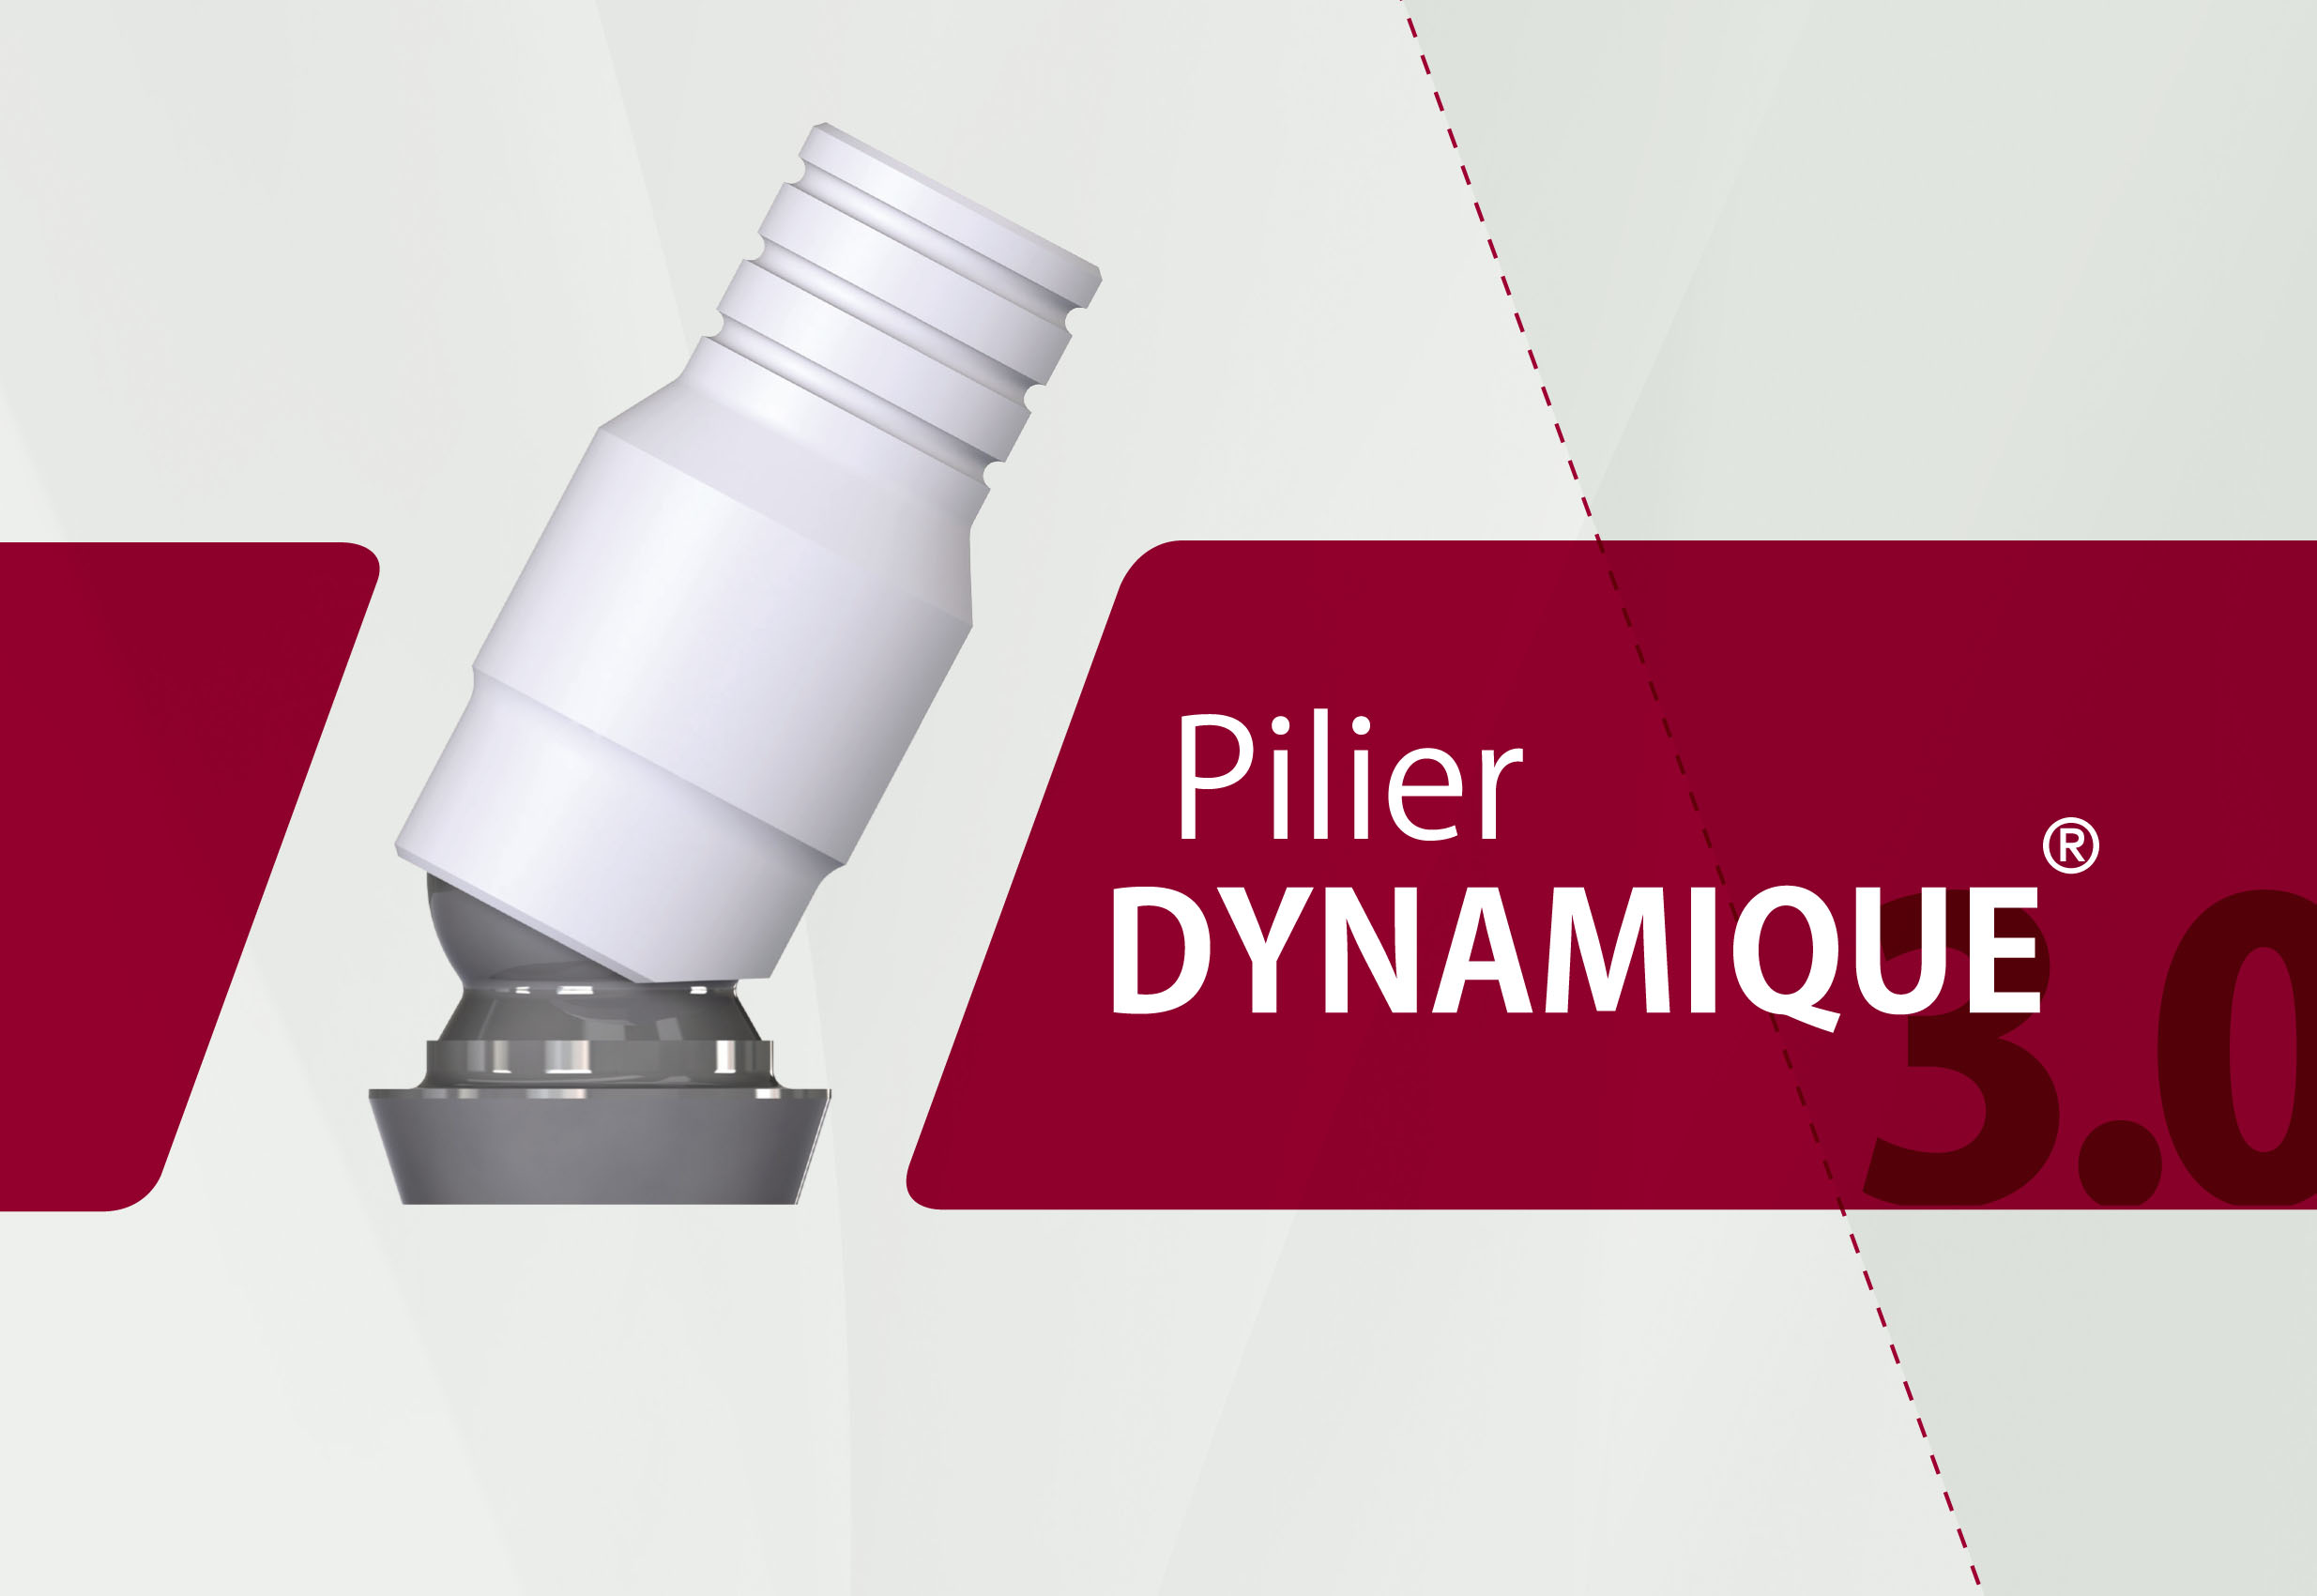 pillier dynamique